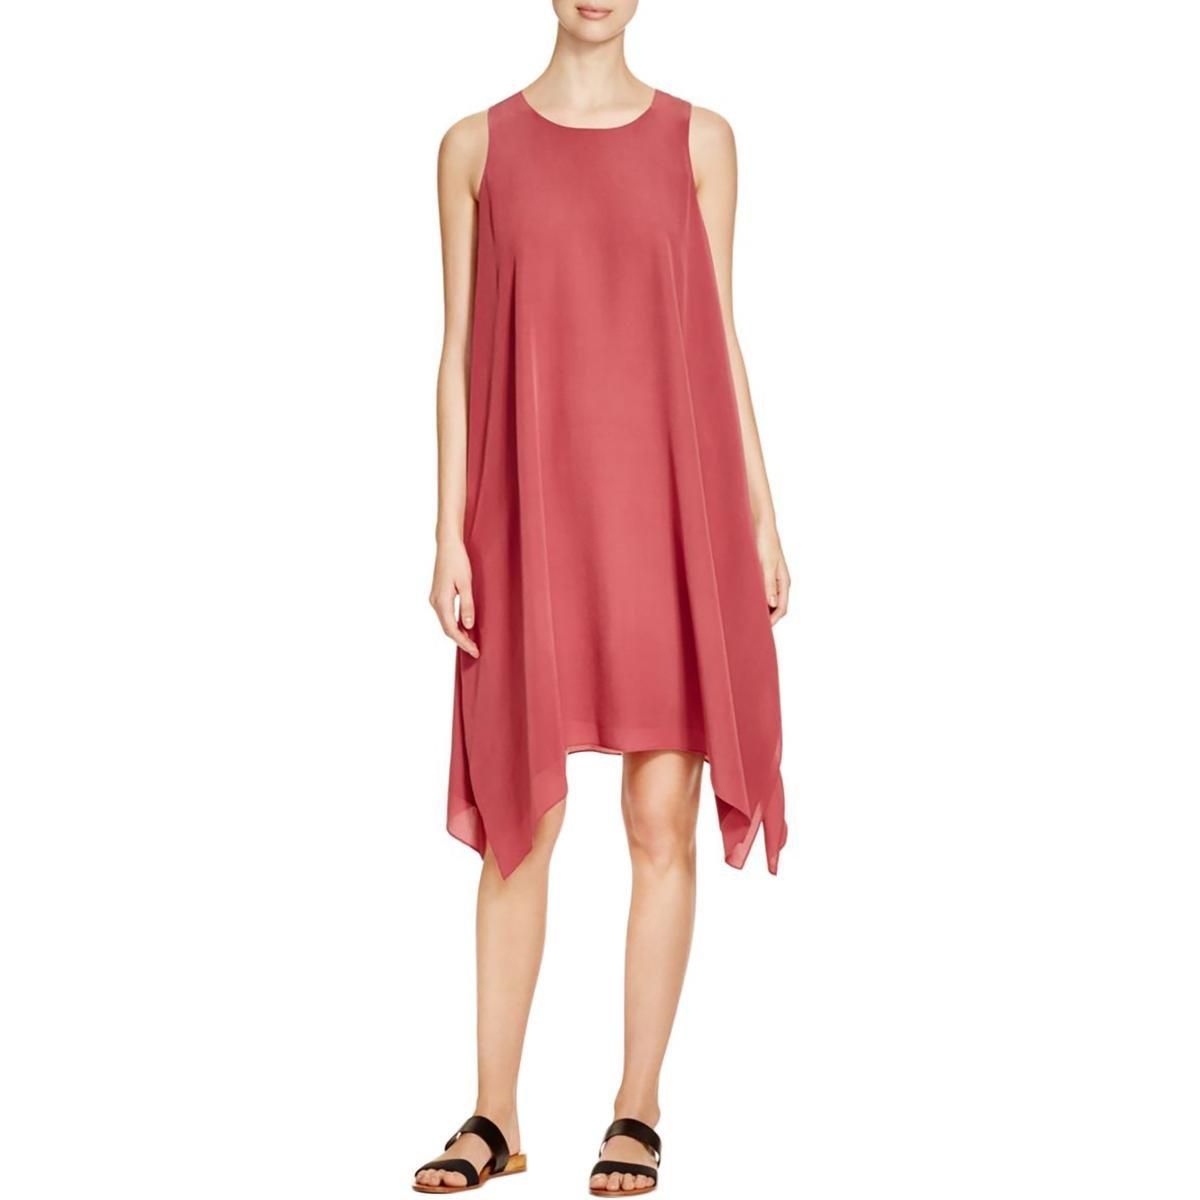 Eileen Fisher Womens Silk Handkerchief Hem Casual Dress Pink S